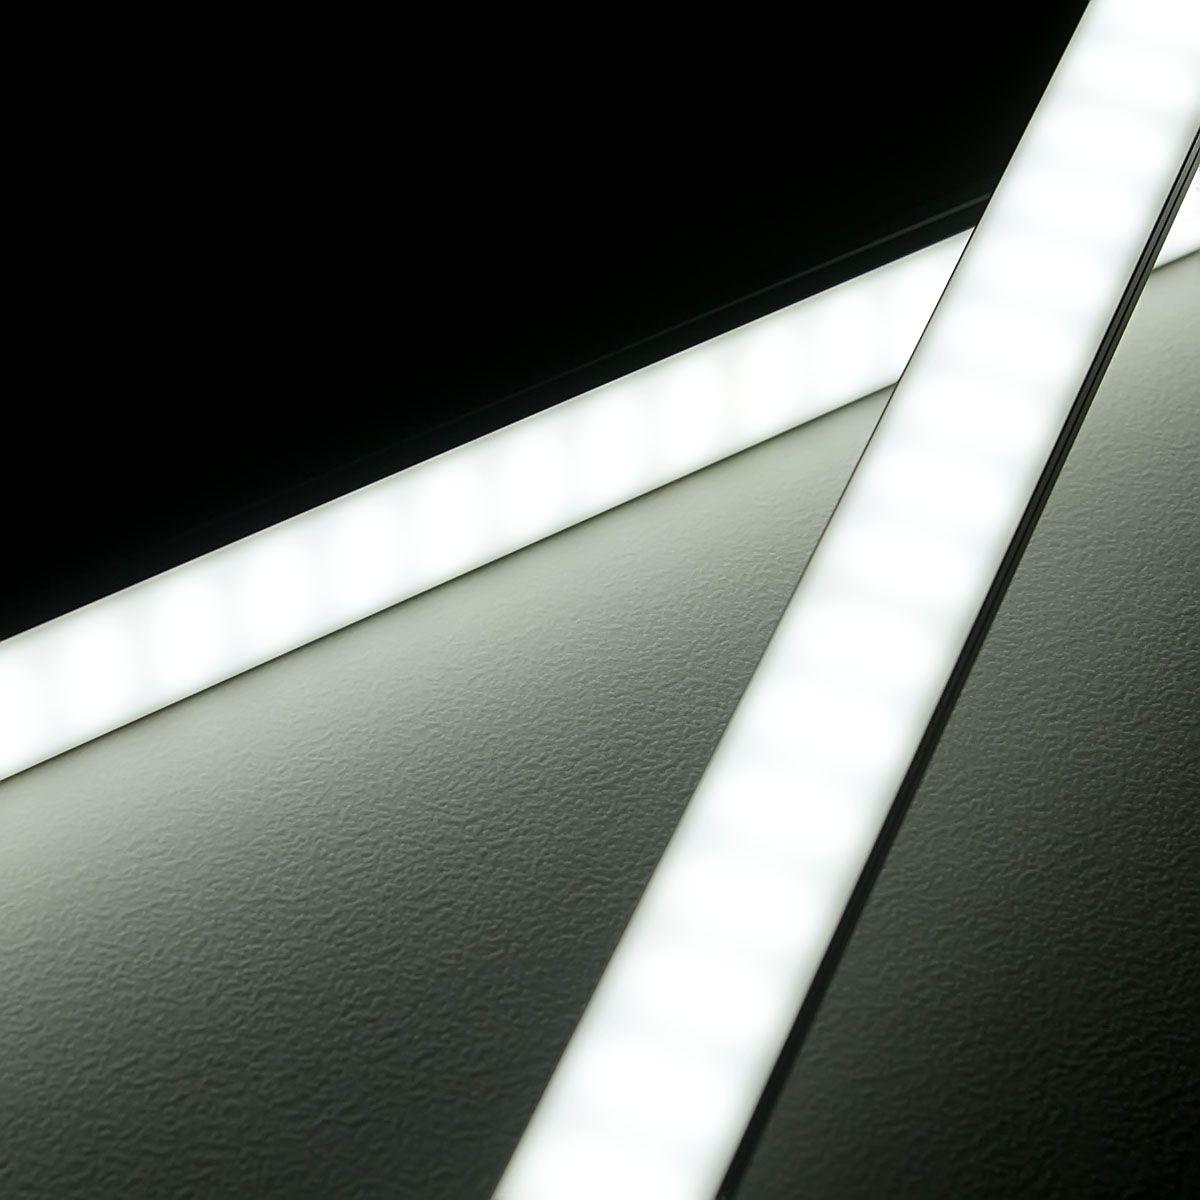 24V High-Power Aluminium LED Leiste – weiß – diffuse Abdeckung